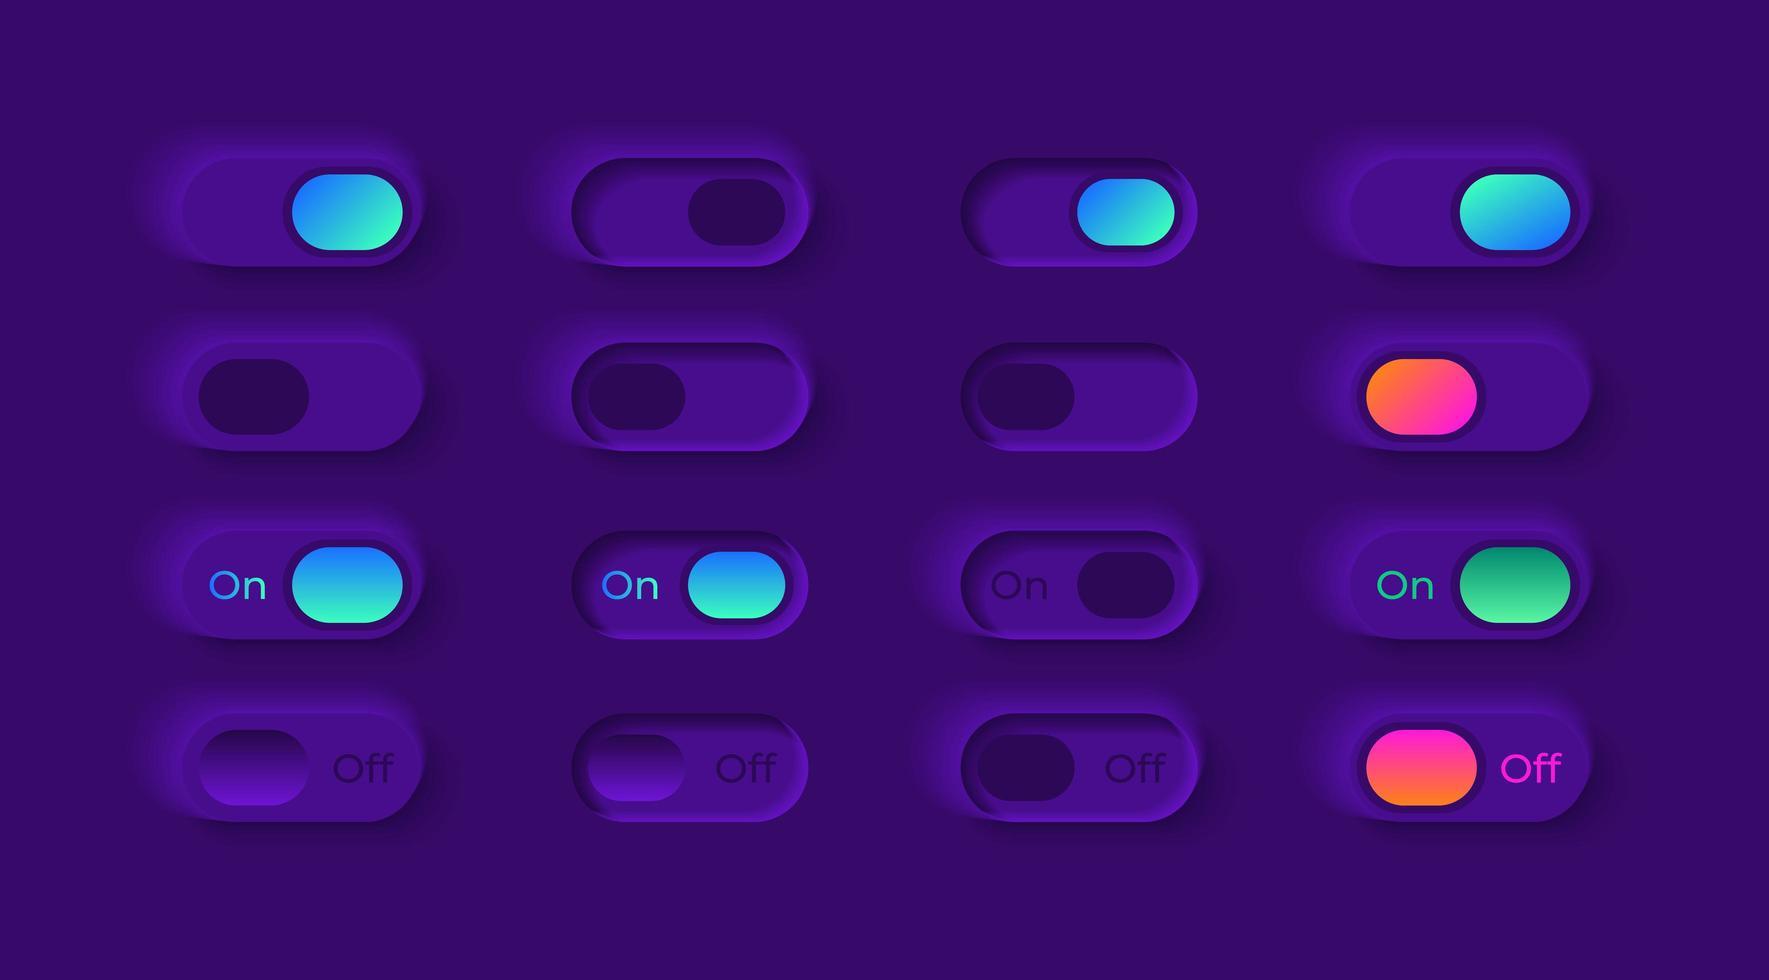 kit d'éléments d'interface utilisateur commutateurs de lecteur vidéo vecteur